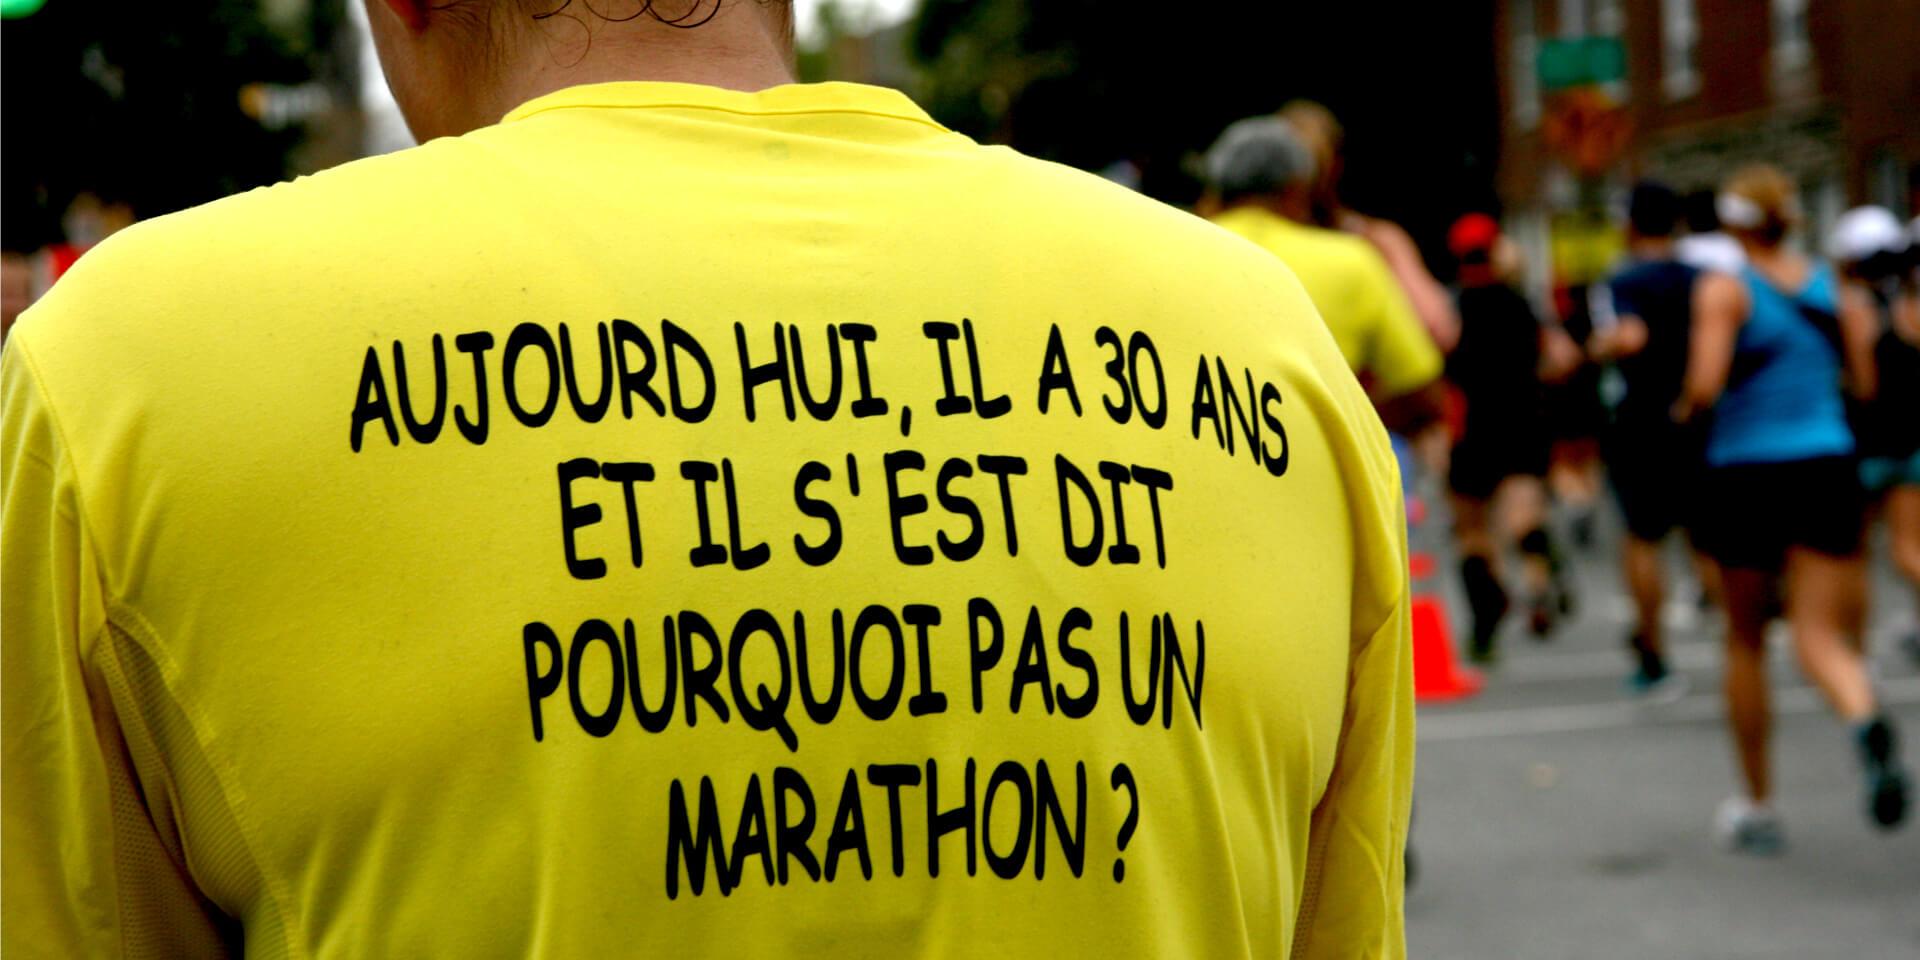 """Maillot porté par ma soeur lors du Marathon de Montréal, Canada avec l'inscription """"Aujourd'hui, il a 30 ans et il s'est dit pourquoi pas un marathon ?""""."""